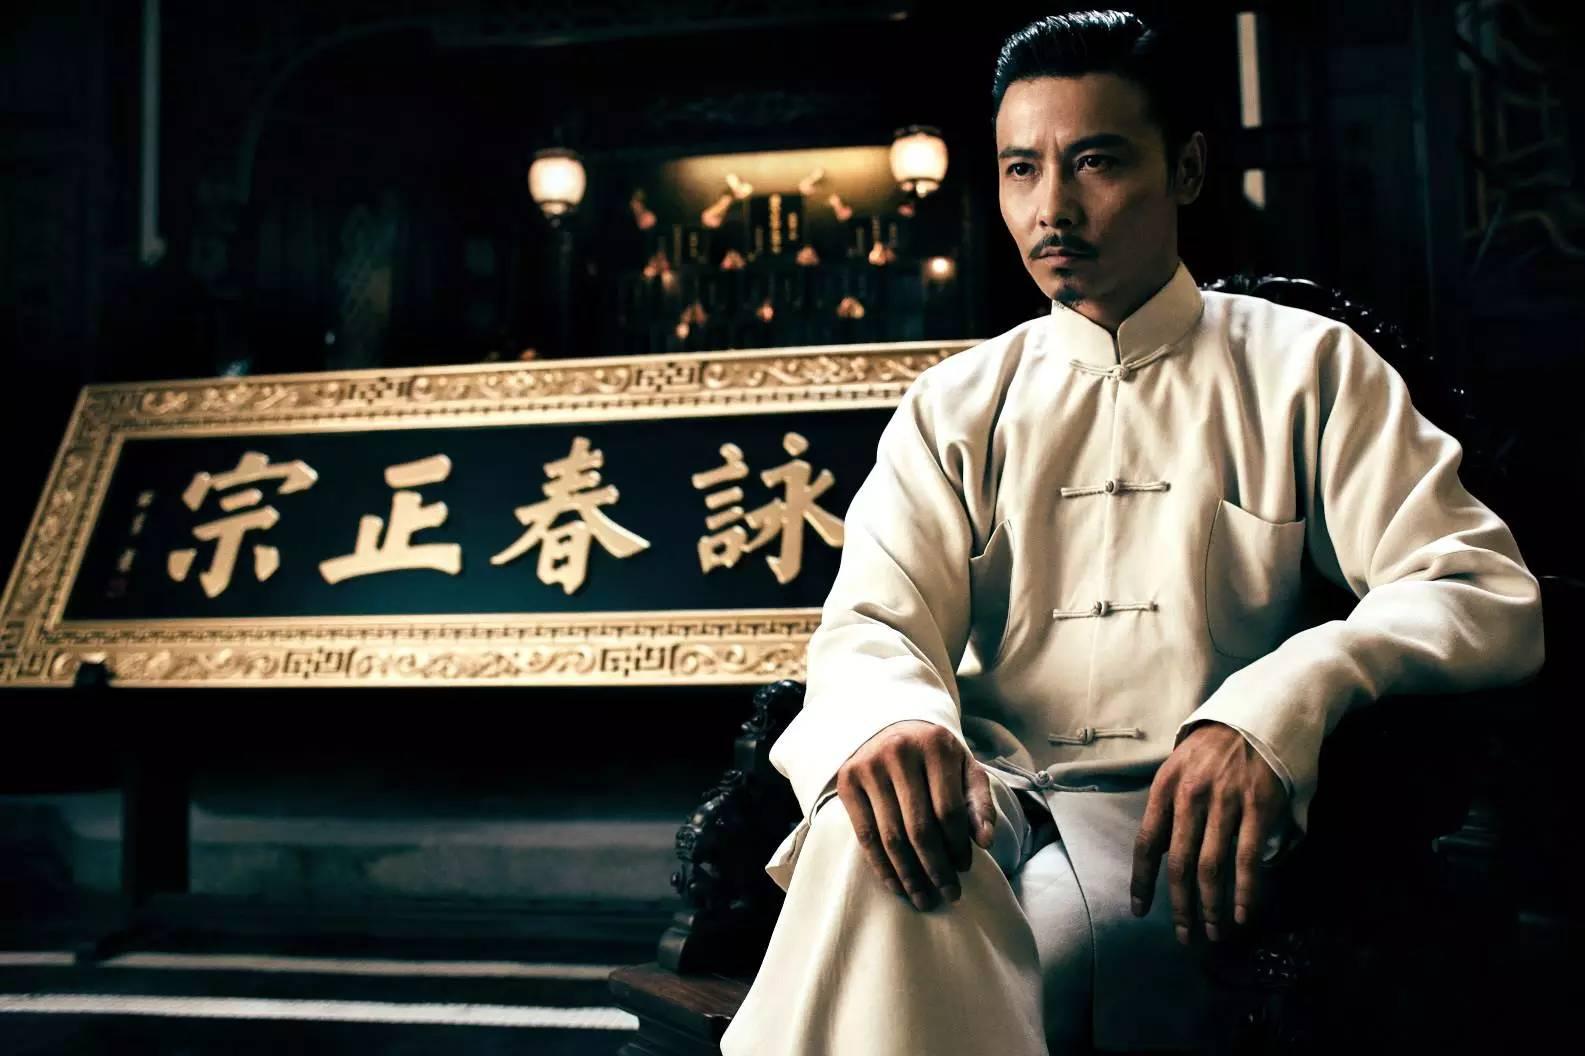 《叶问外传:张天志》号称咏春归来,全程激战,但与叶问图片